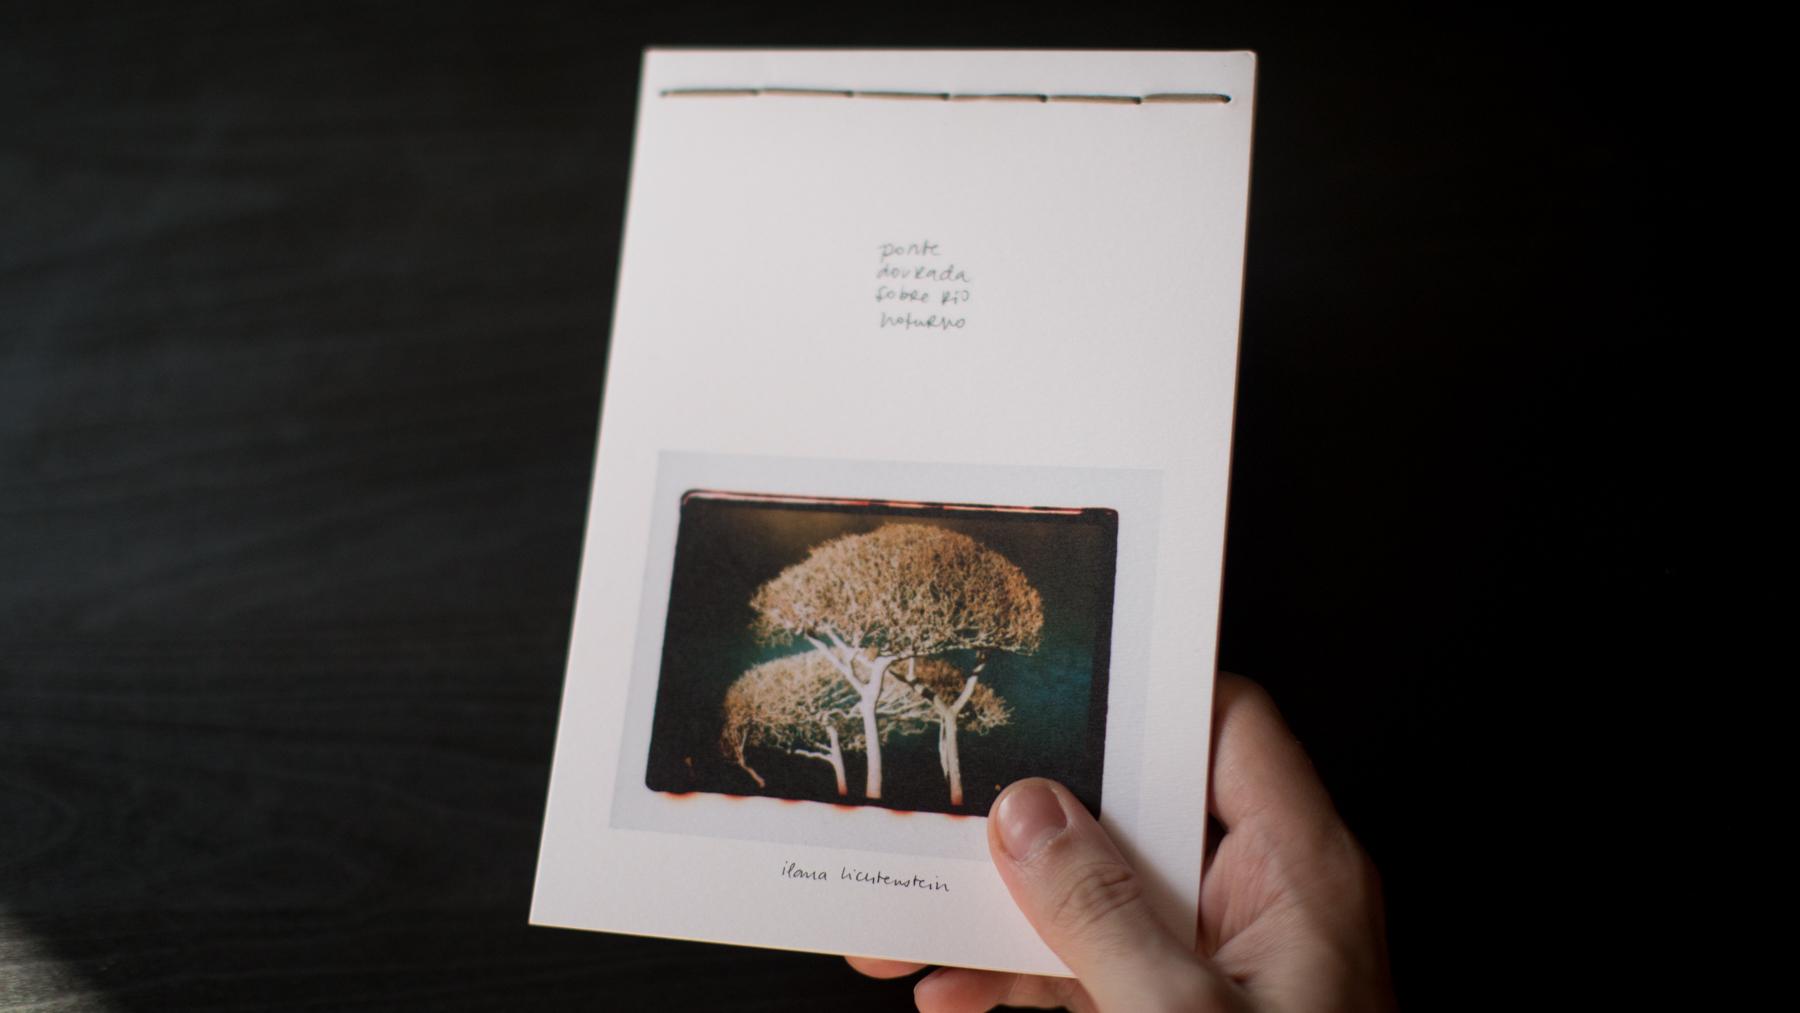 livro_ponte_dourada_sobre_rio_noturno.jpg